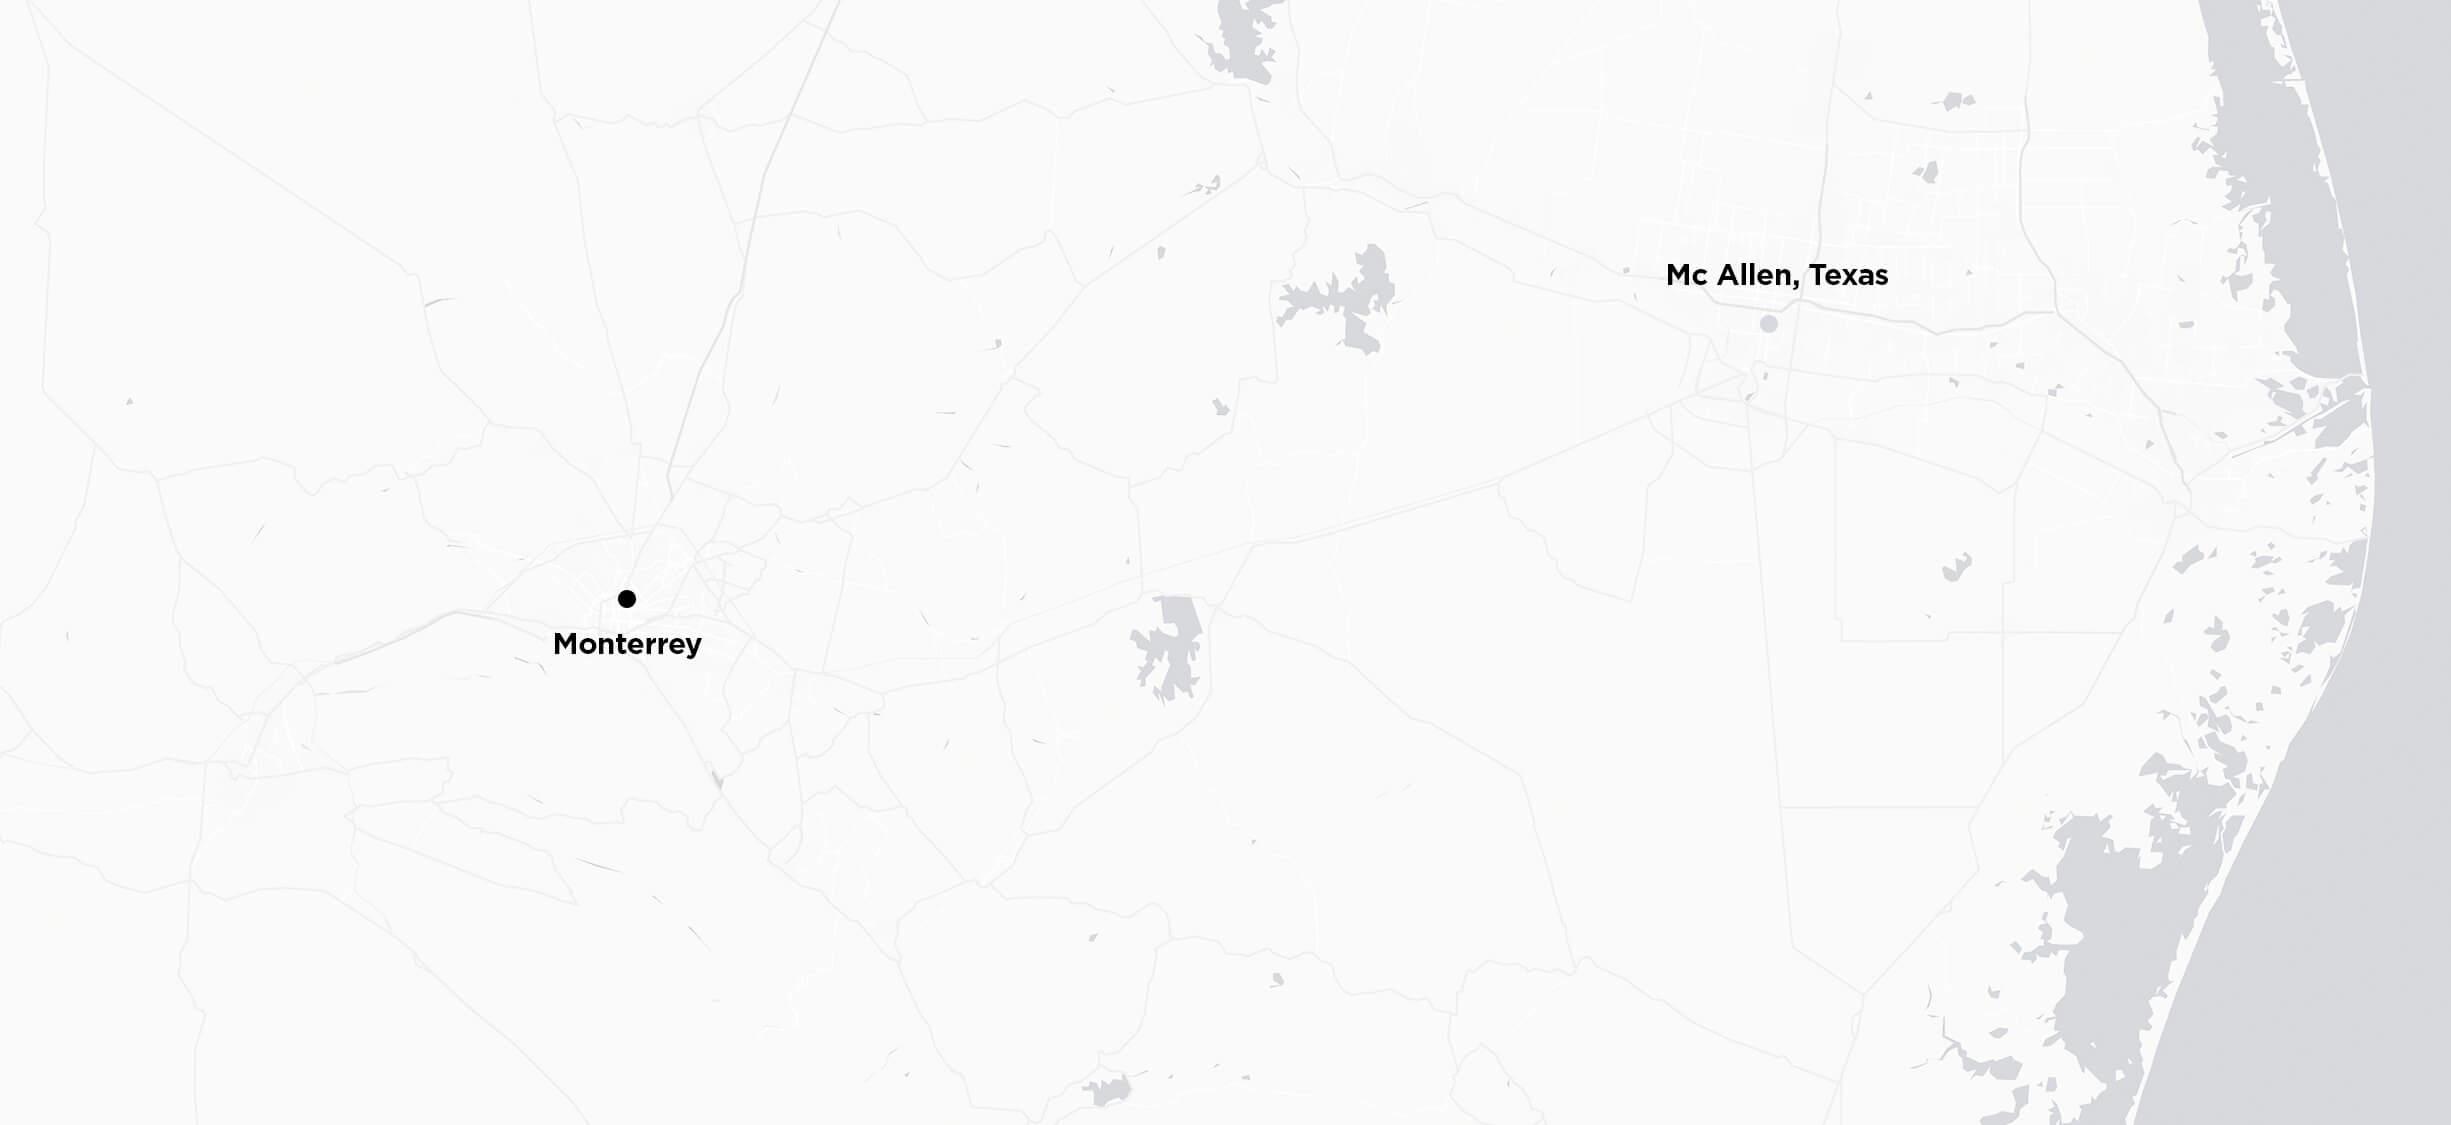 De Monterrey a McAllen, TX